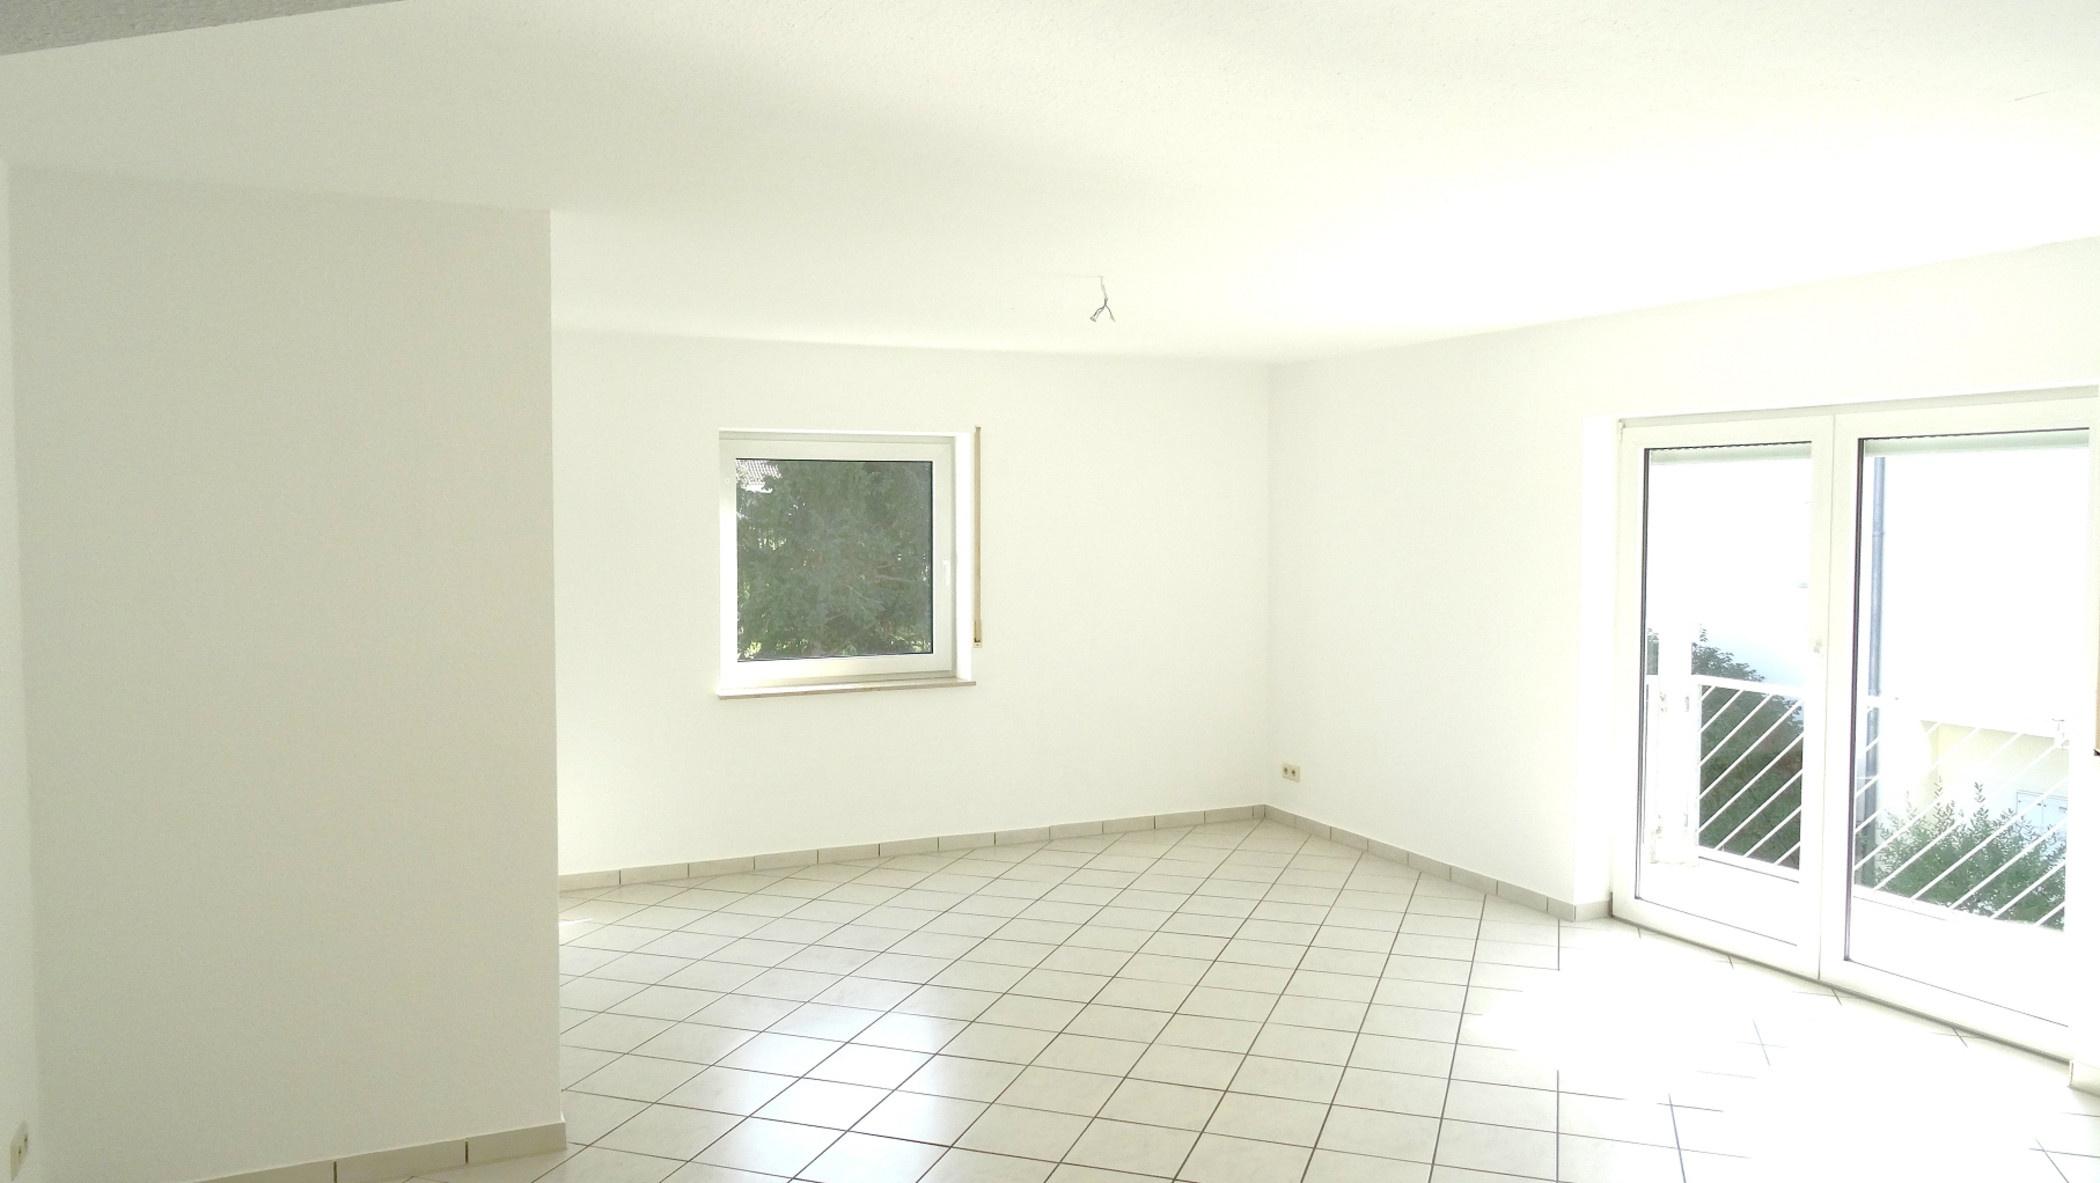 Ein attraktives Gesamtpaket: 3 ZIMMER. 82 m². BALKON. GARAGE. BEZUGSFREI., 67550 Worms, Etagenwohnung